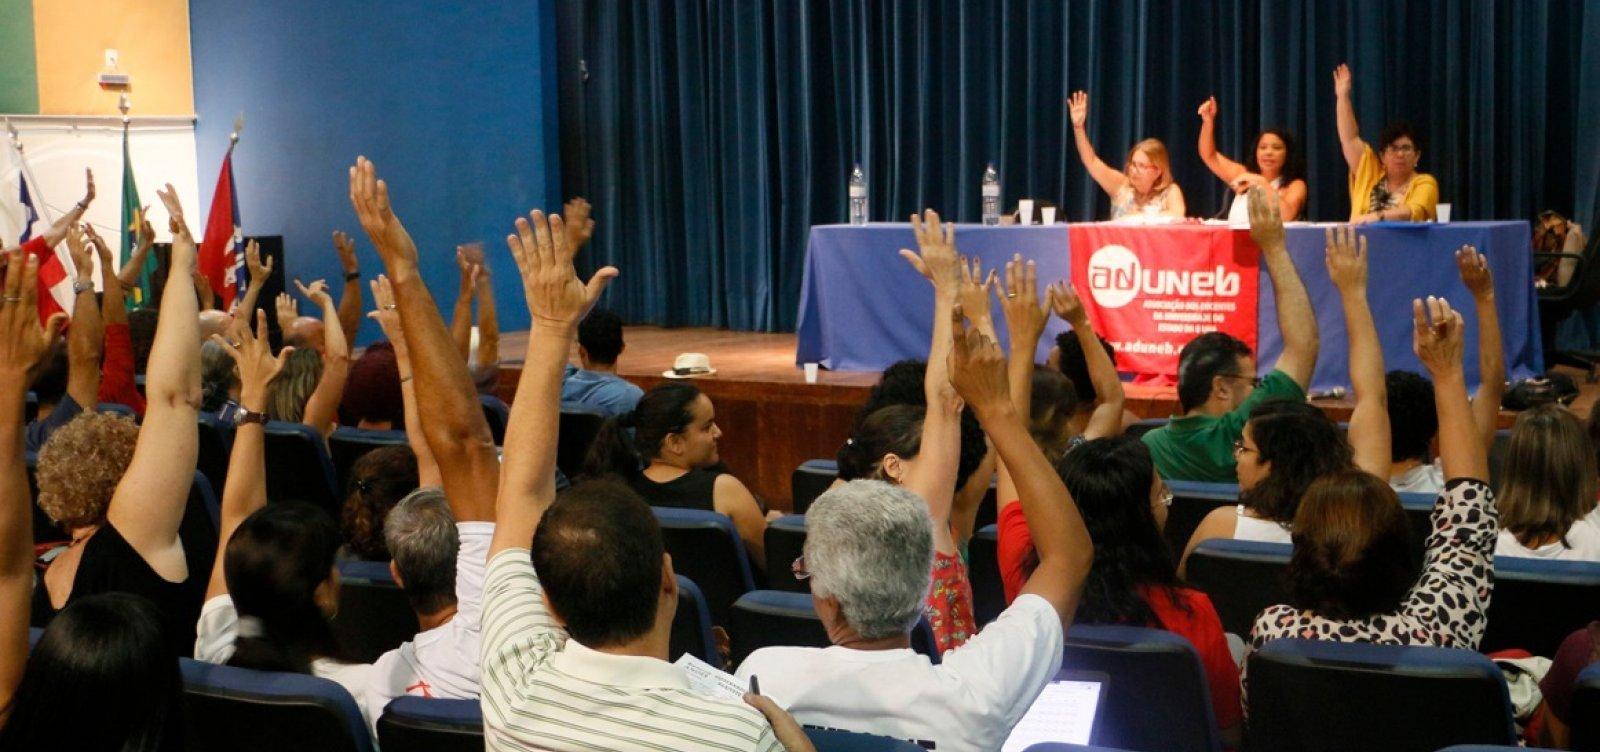 [Uneb: professores decidem por continuidade da greve]